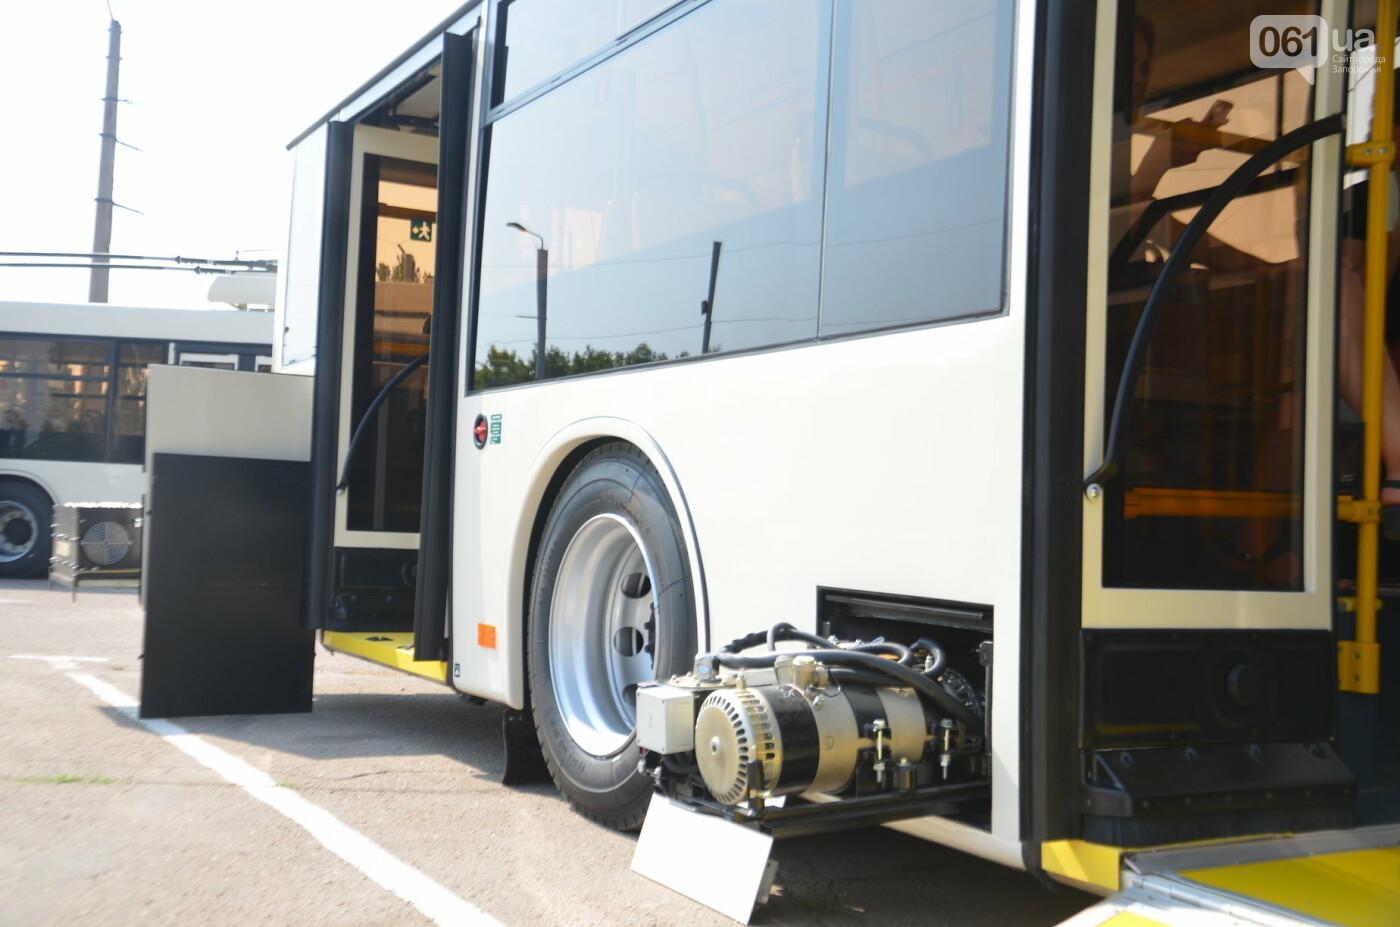 В Запорожье на линию выйдут пять новых троллейбусов с автономным ходом, - ФОТОРЕПОРТАЖ, фото-9